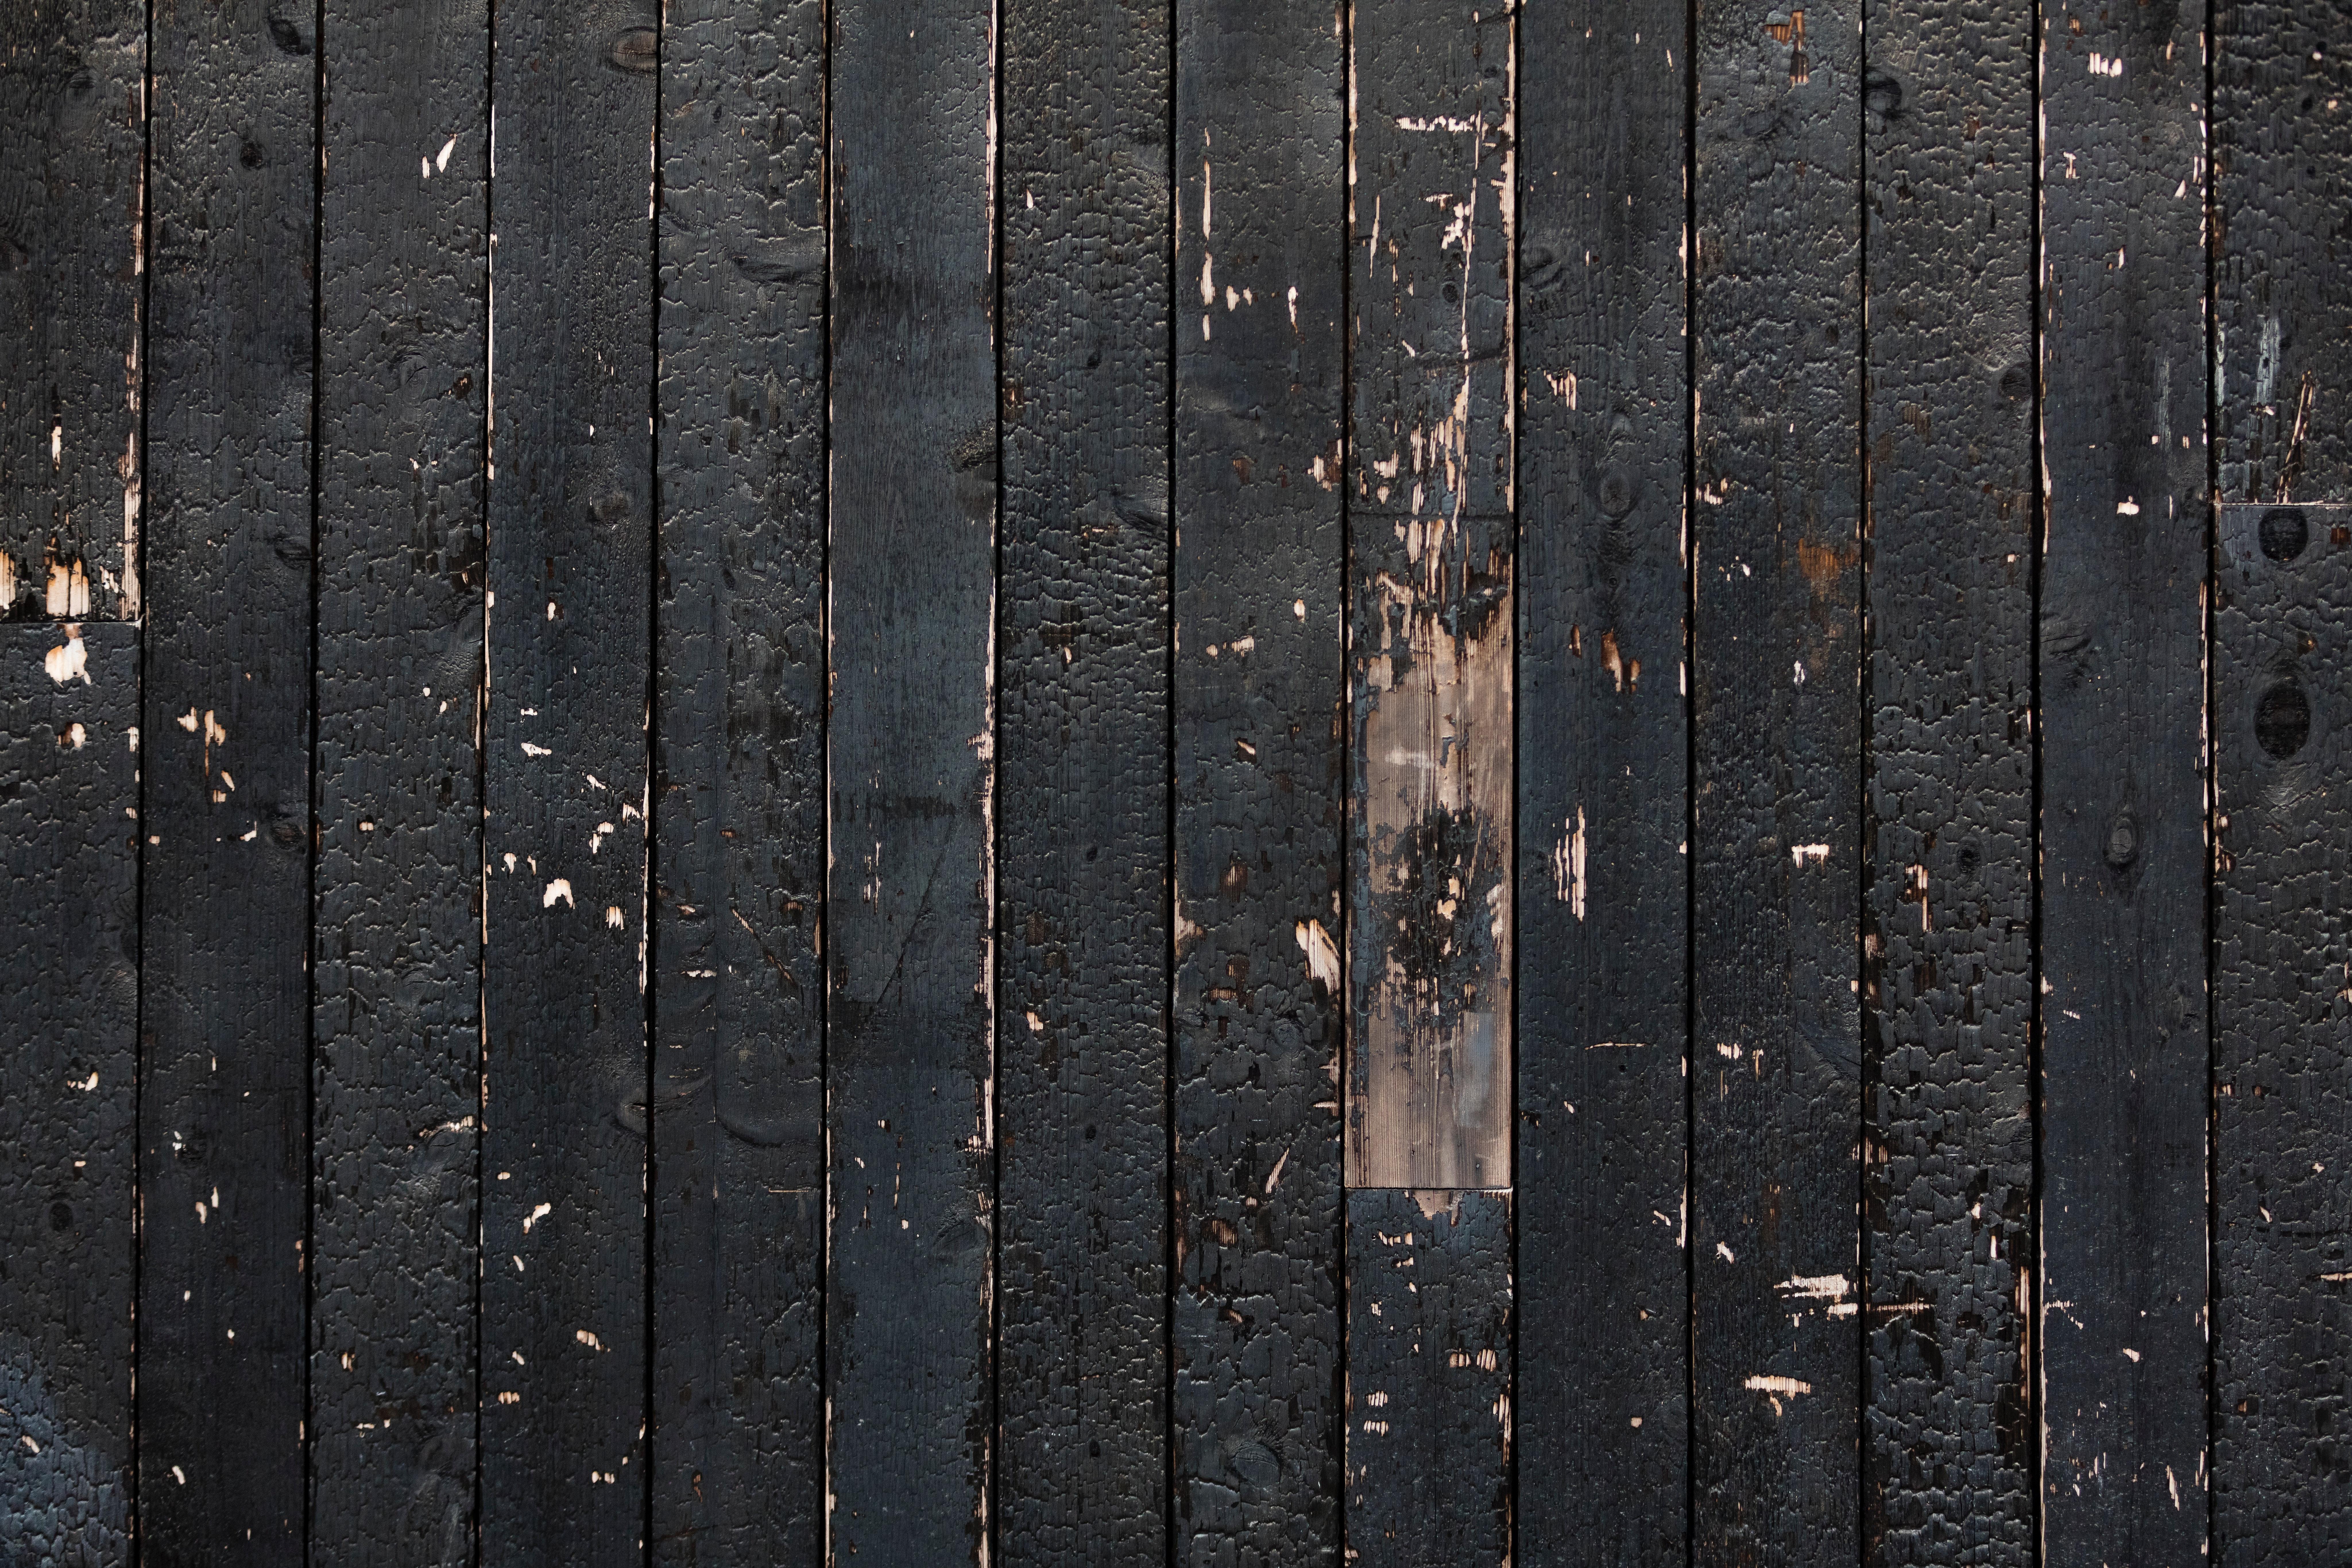 Shou Sugi Ban Wall Cladding